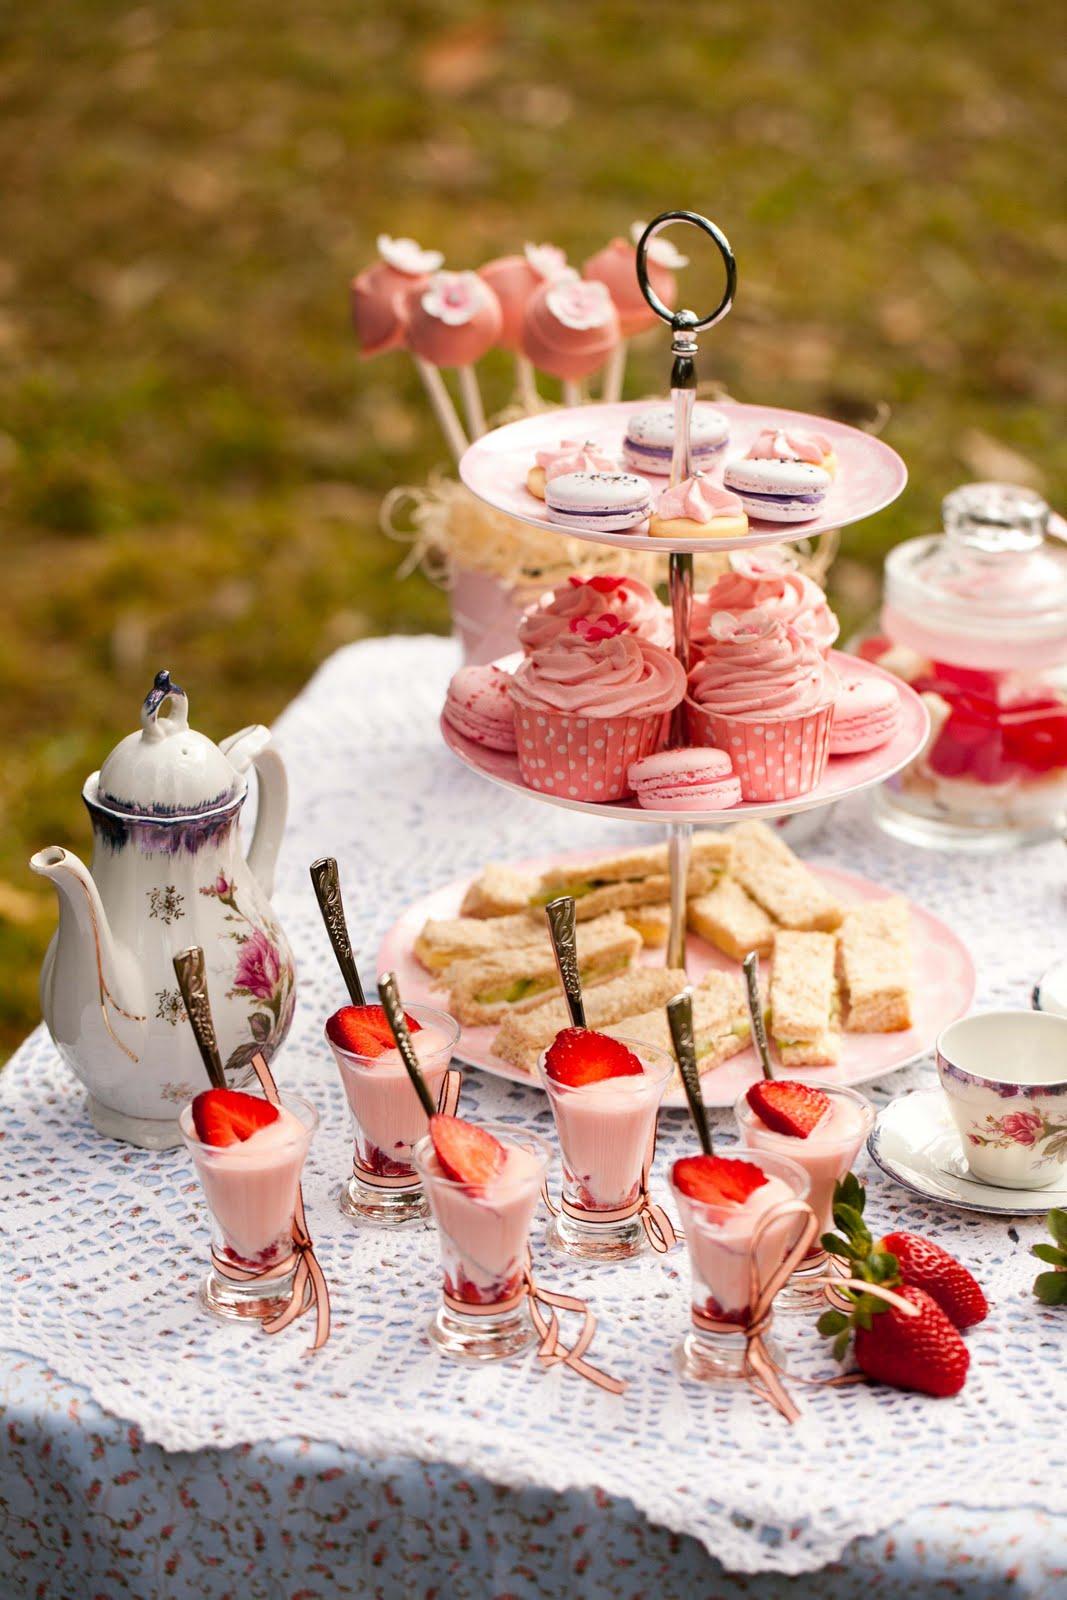 tea party time - photo #1